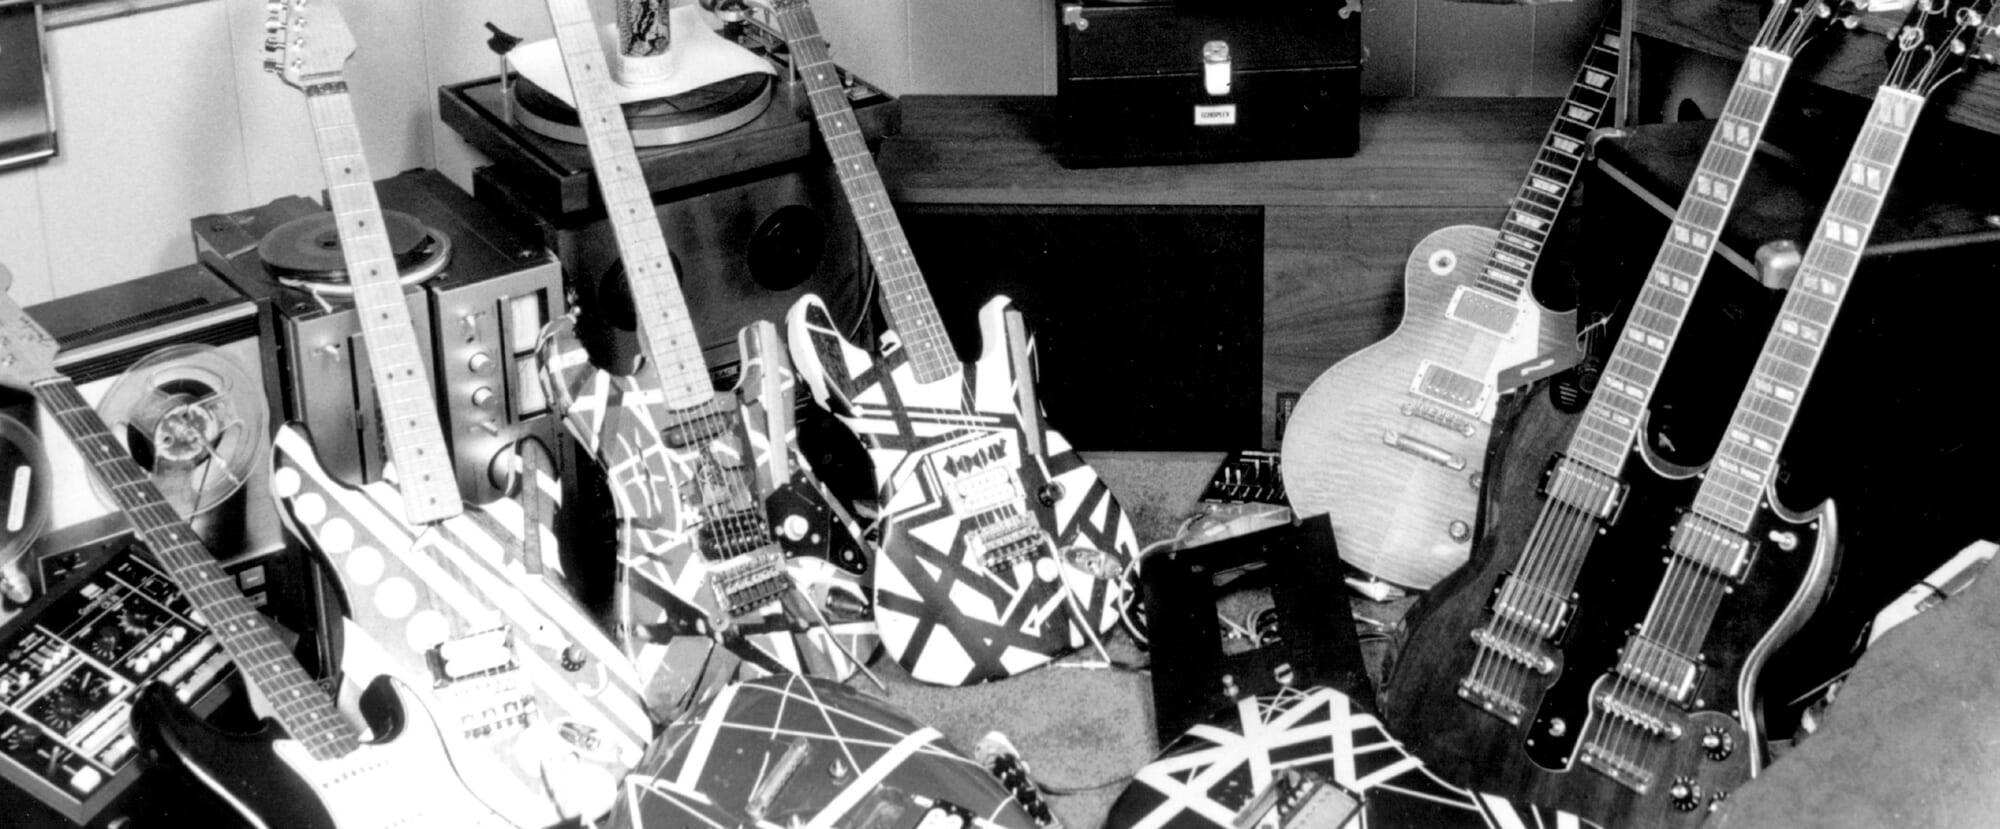 愛器の変遷から探るエディ・ヴァン・ヘイレンのギター観